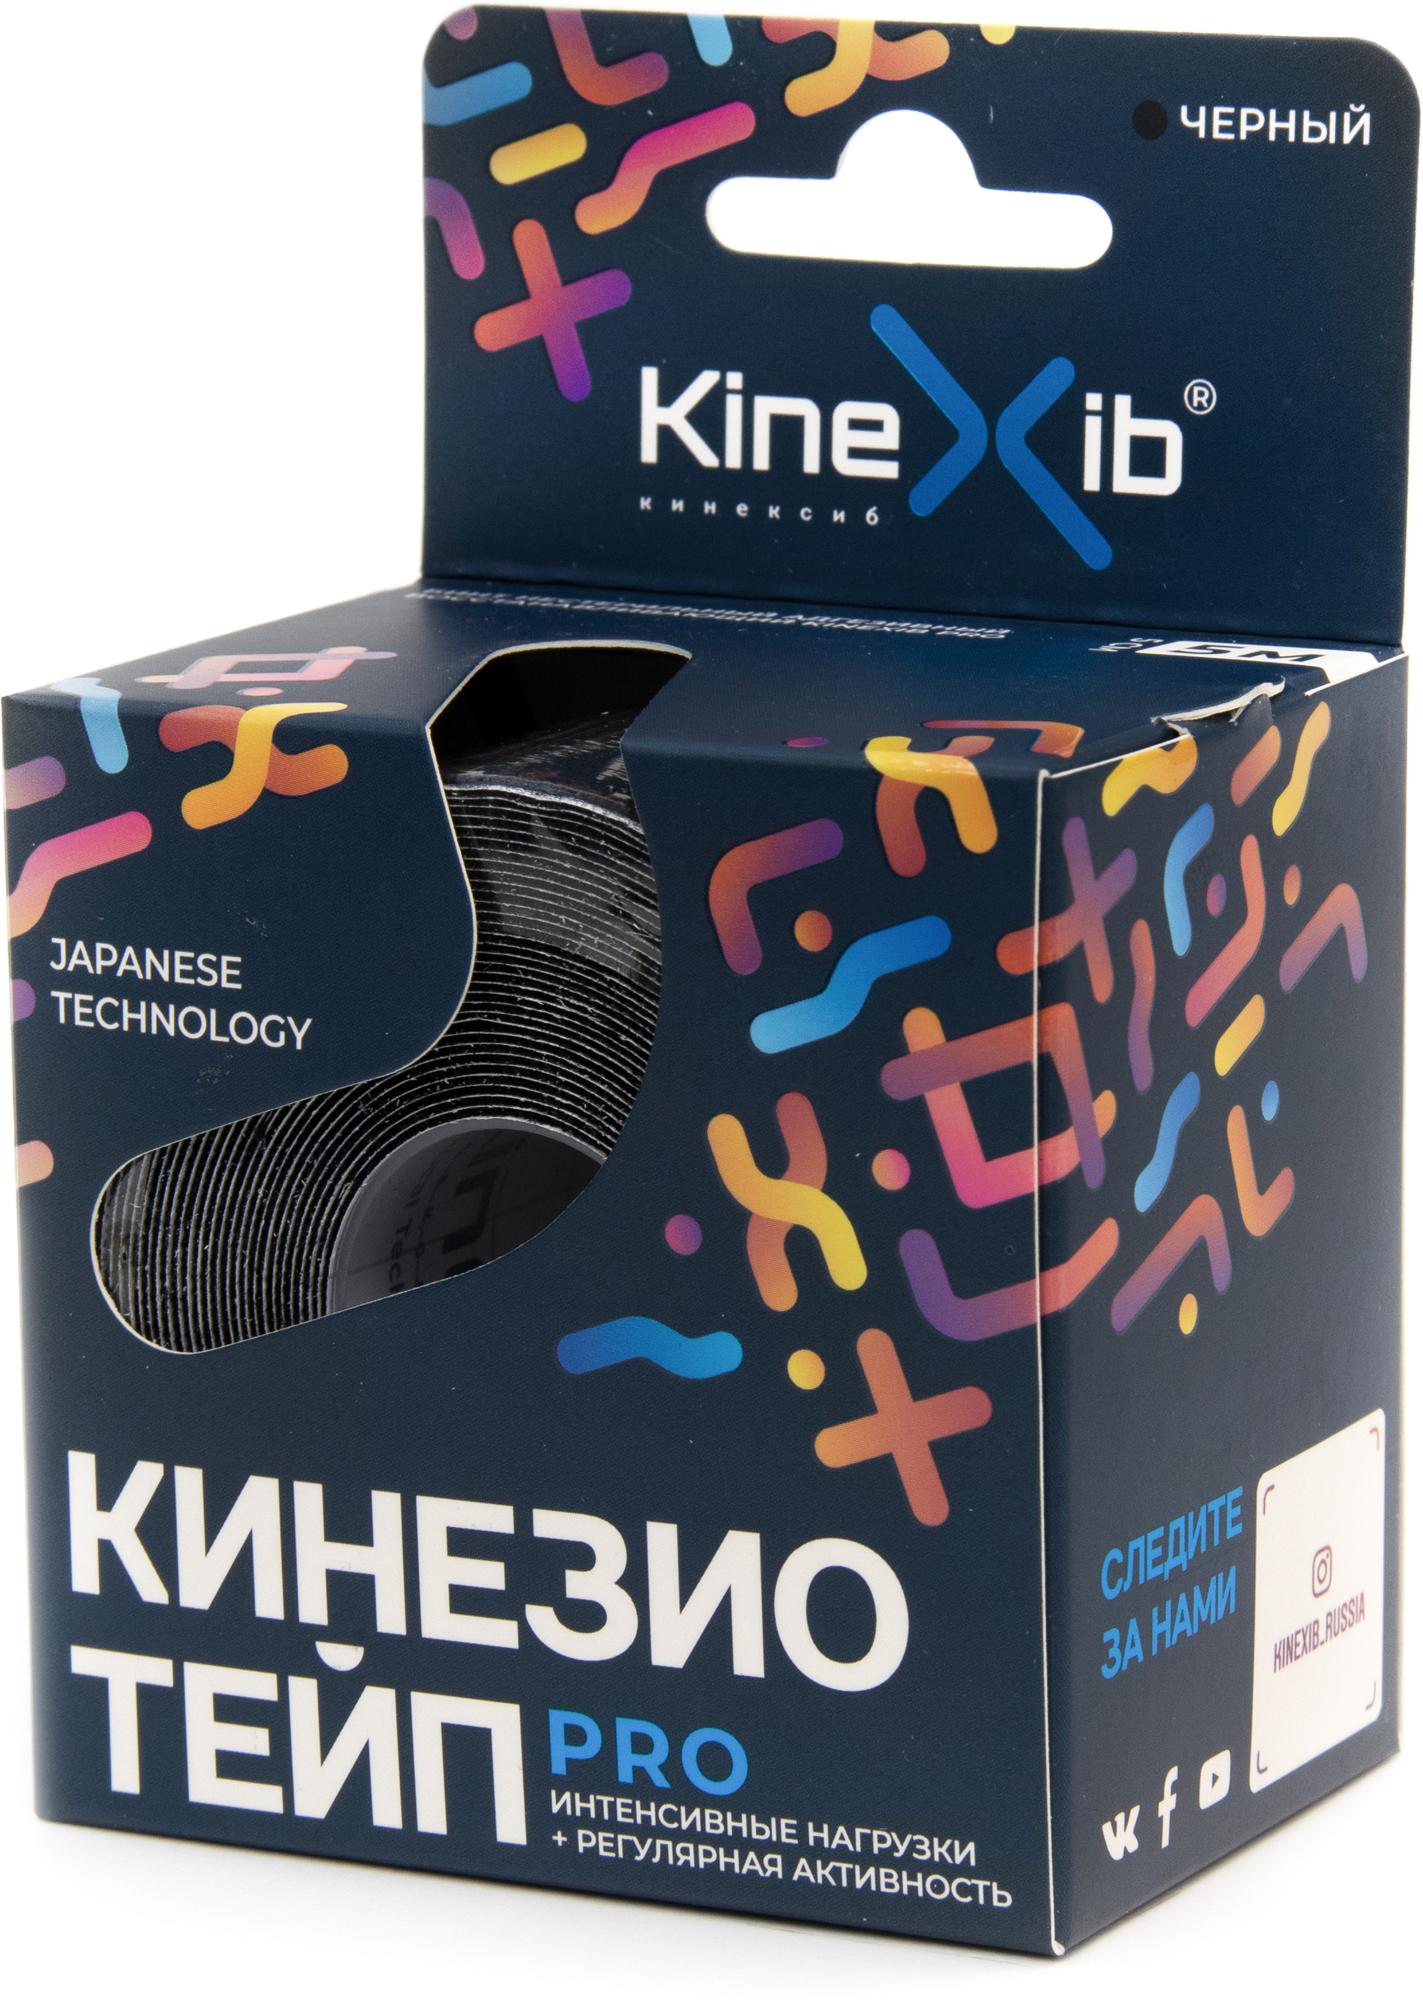 Kinexib Кинезио-тейп Pro tape, черный